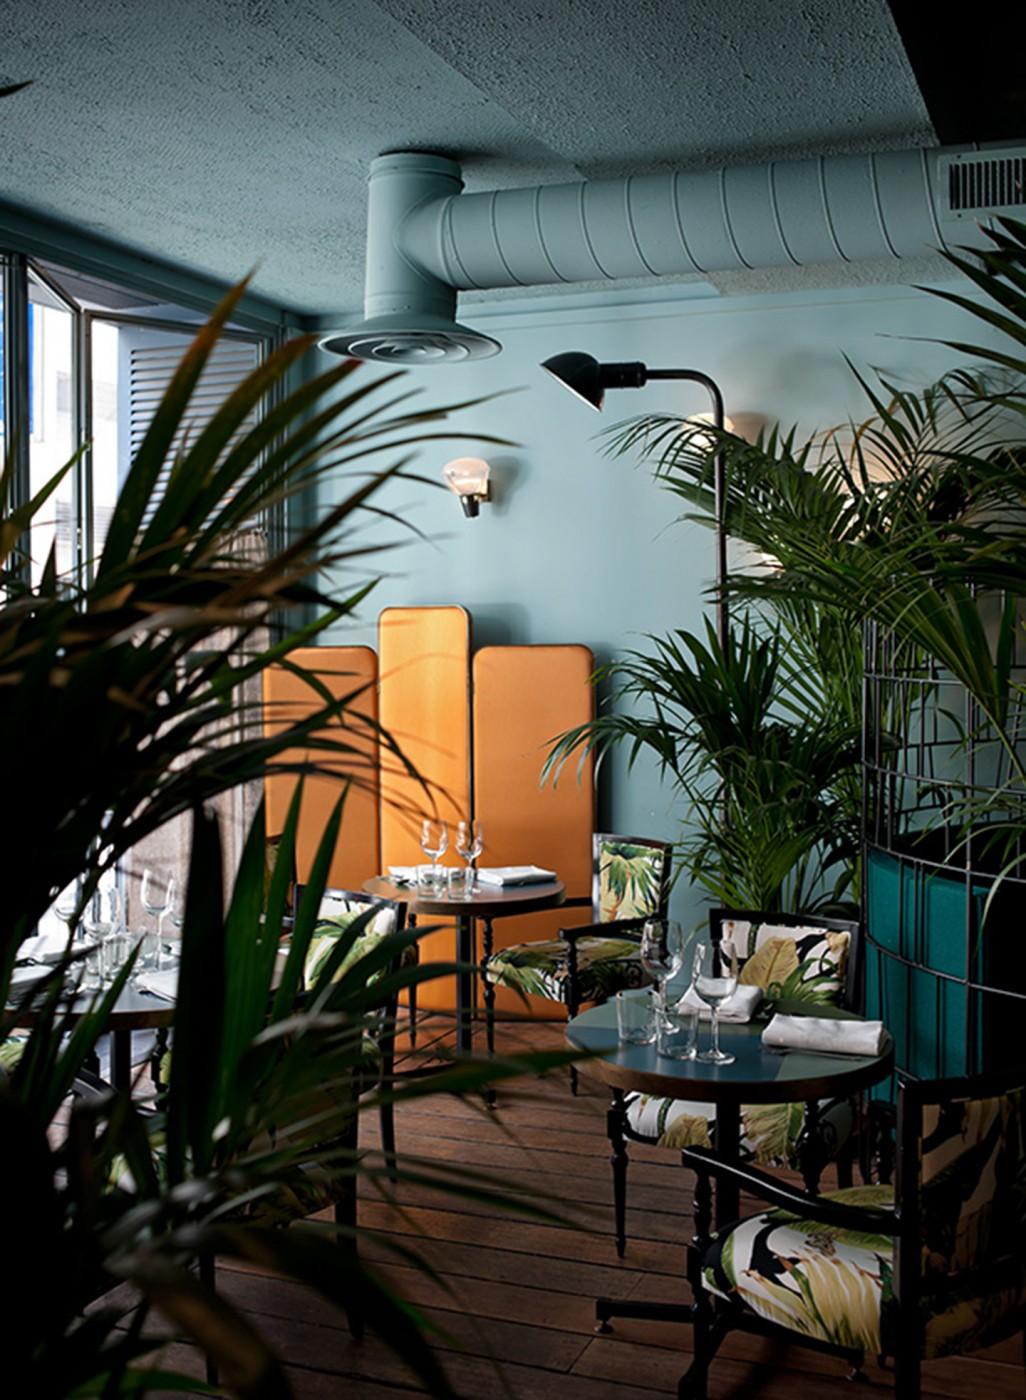 Dimore Studio: tra design, architettura e moda dimore studio Dimore Studio: tra design, architettura e moda 04 CAFFE BURLOT PARIS 1026x1400